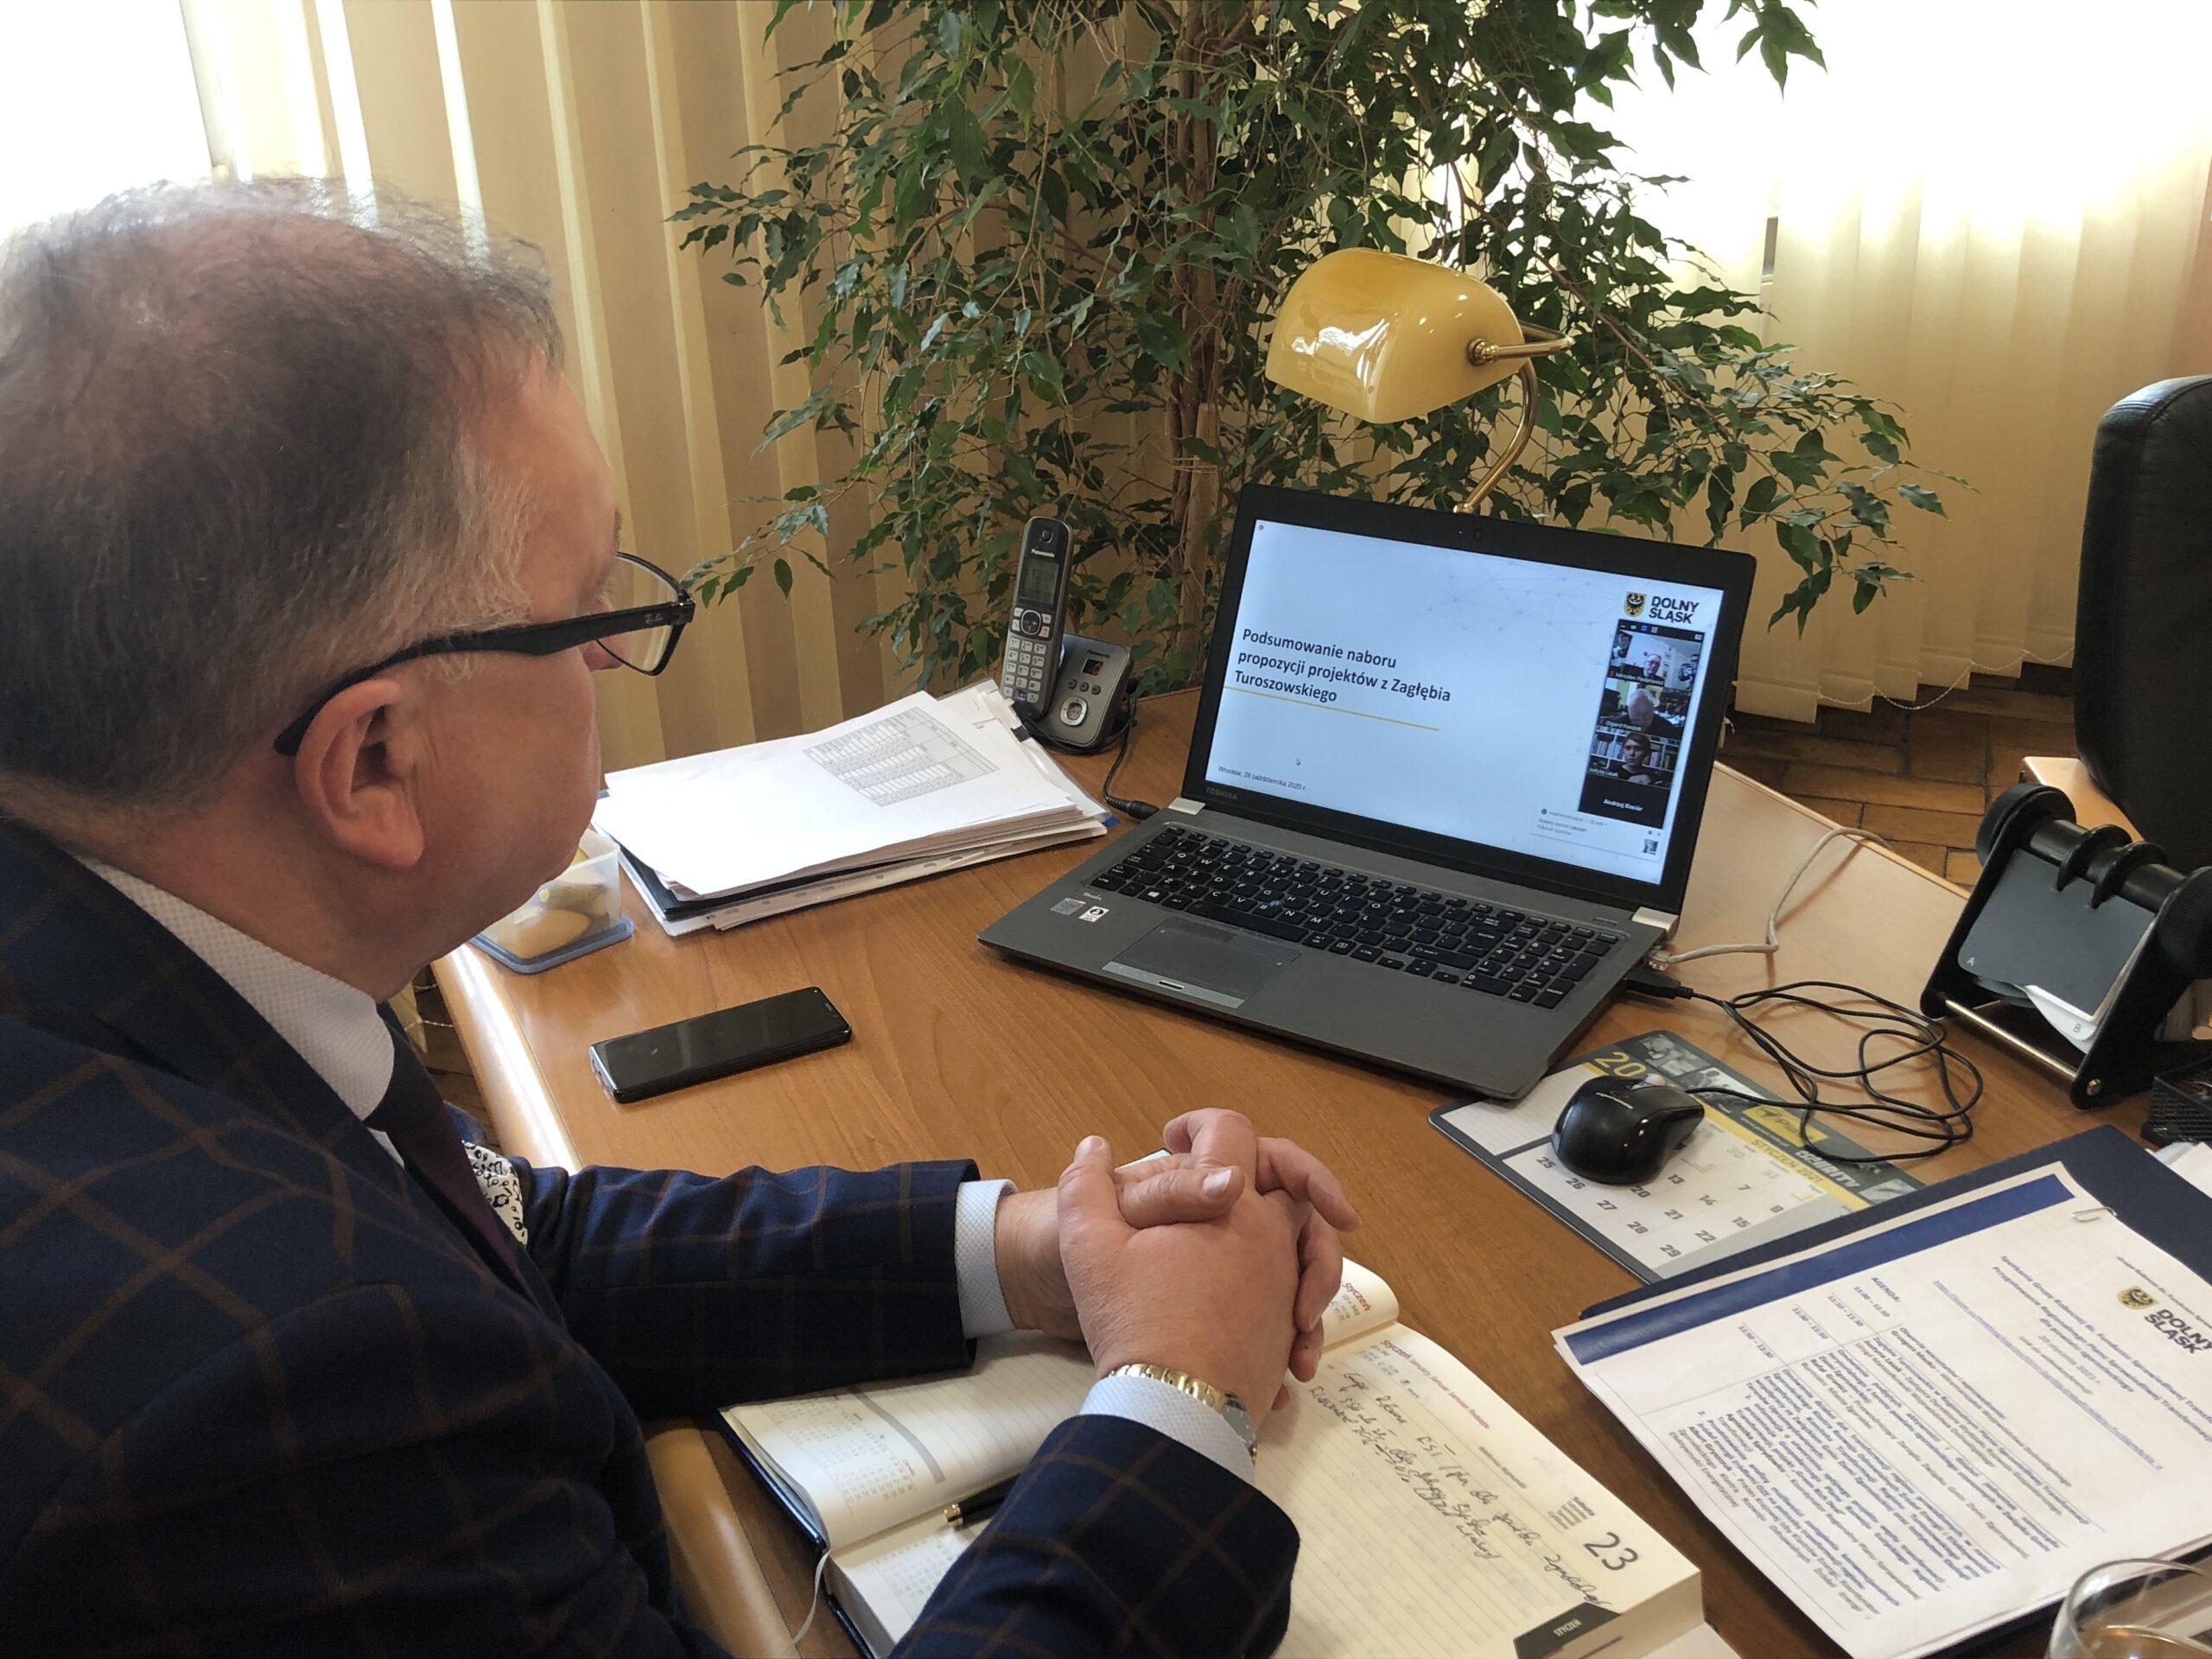 Trwają prace nad Regionalnym Planem Sprawiedliwej Transformacji dla powiatu zgorzeleckiego